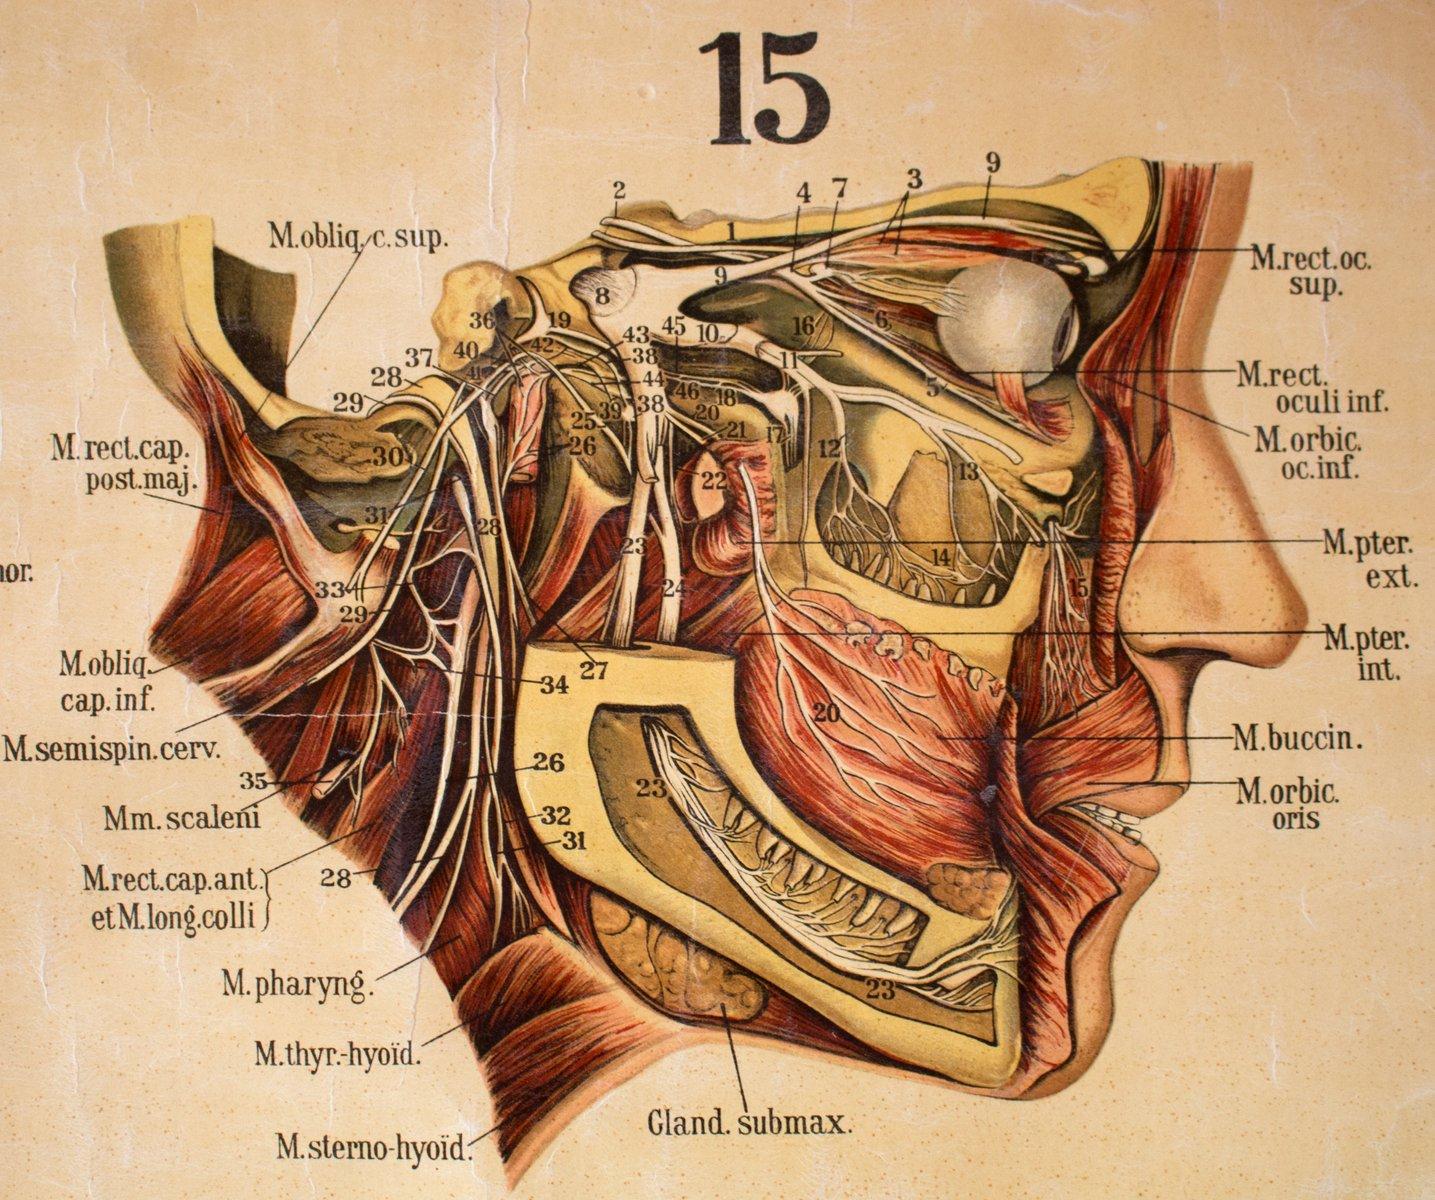 Großzügig Körper Anatomie Charts Bilder - Anatomie Von Menschlichen ...